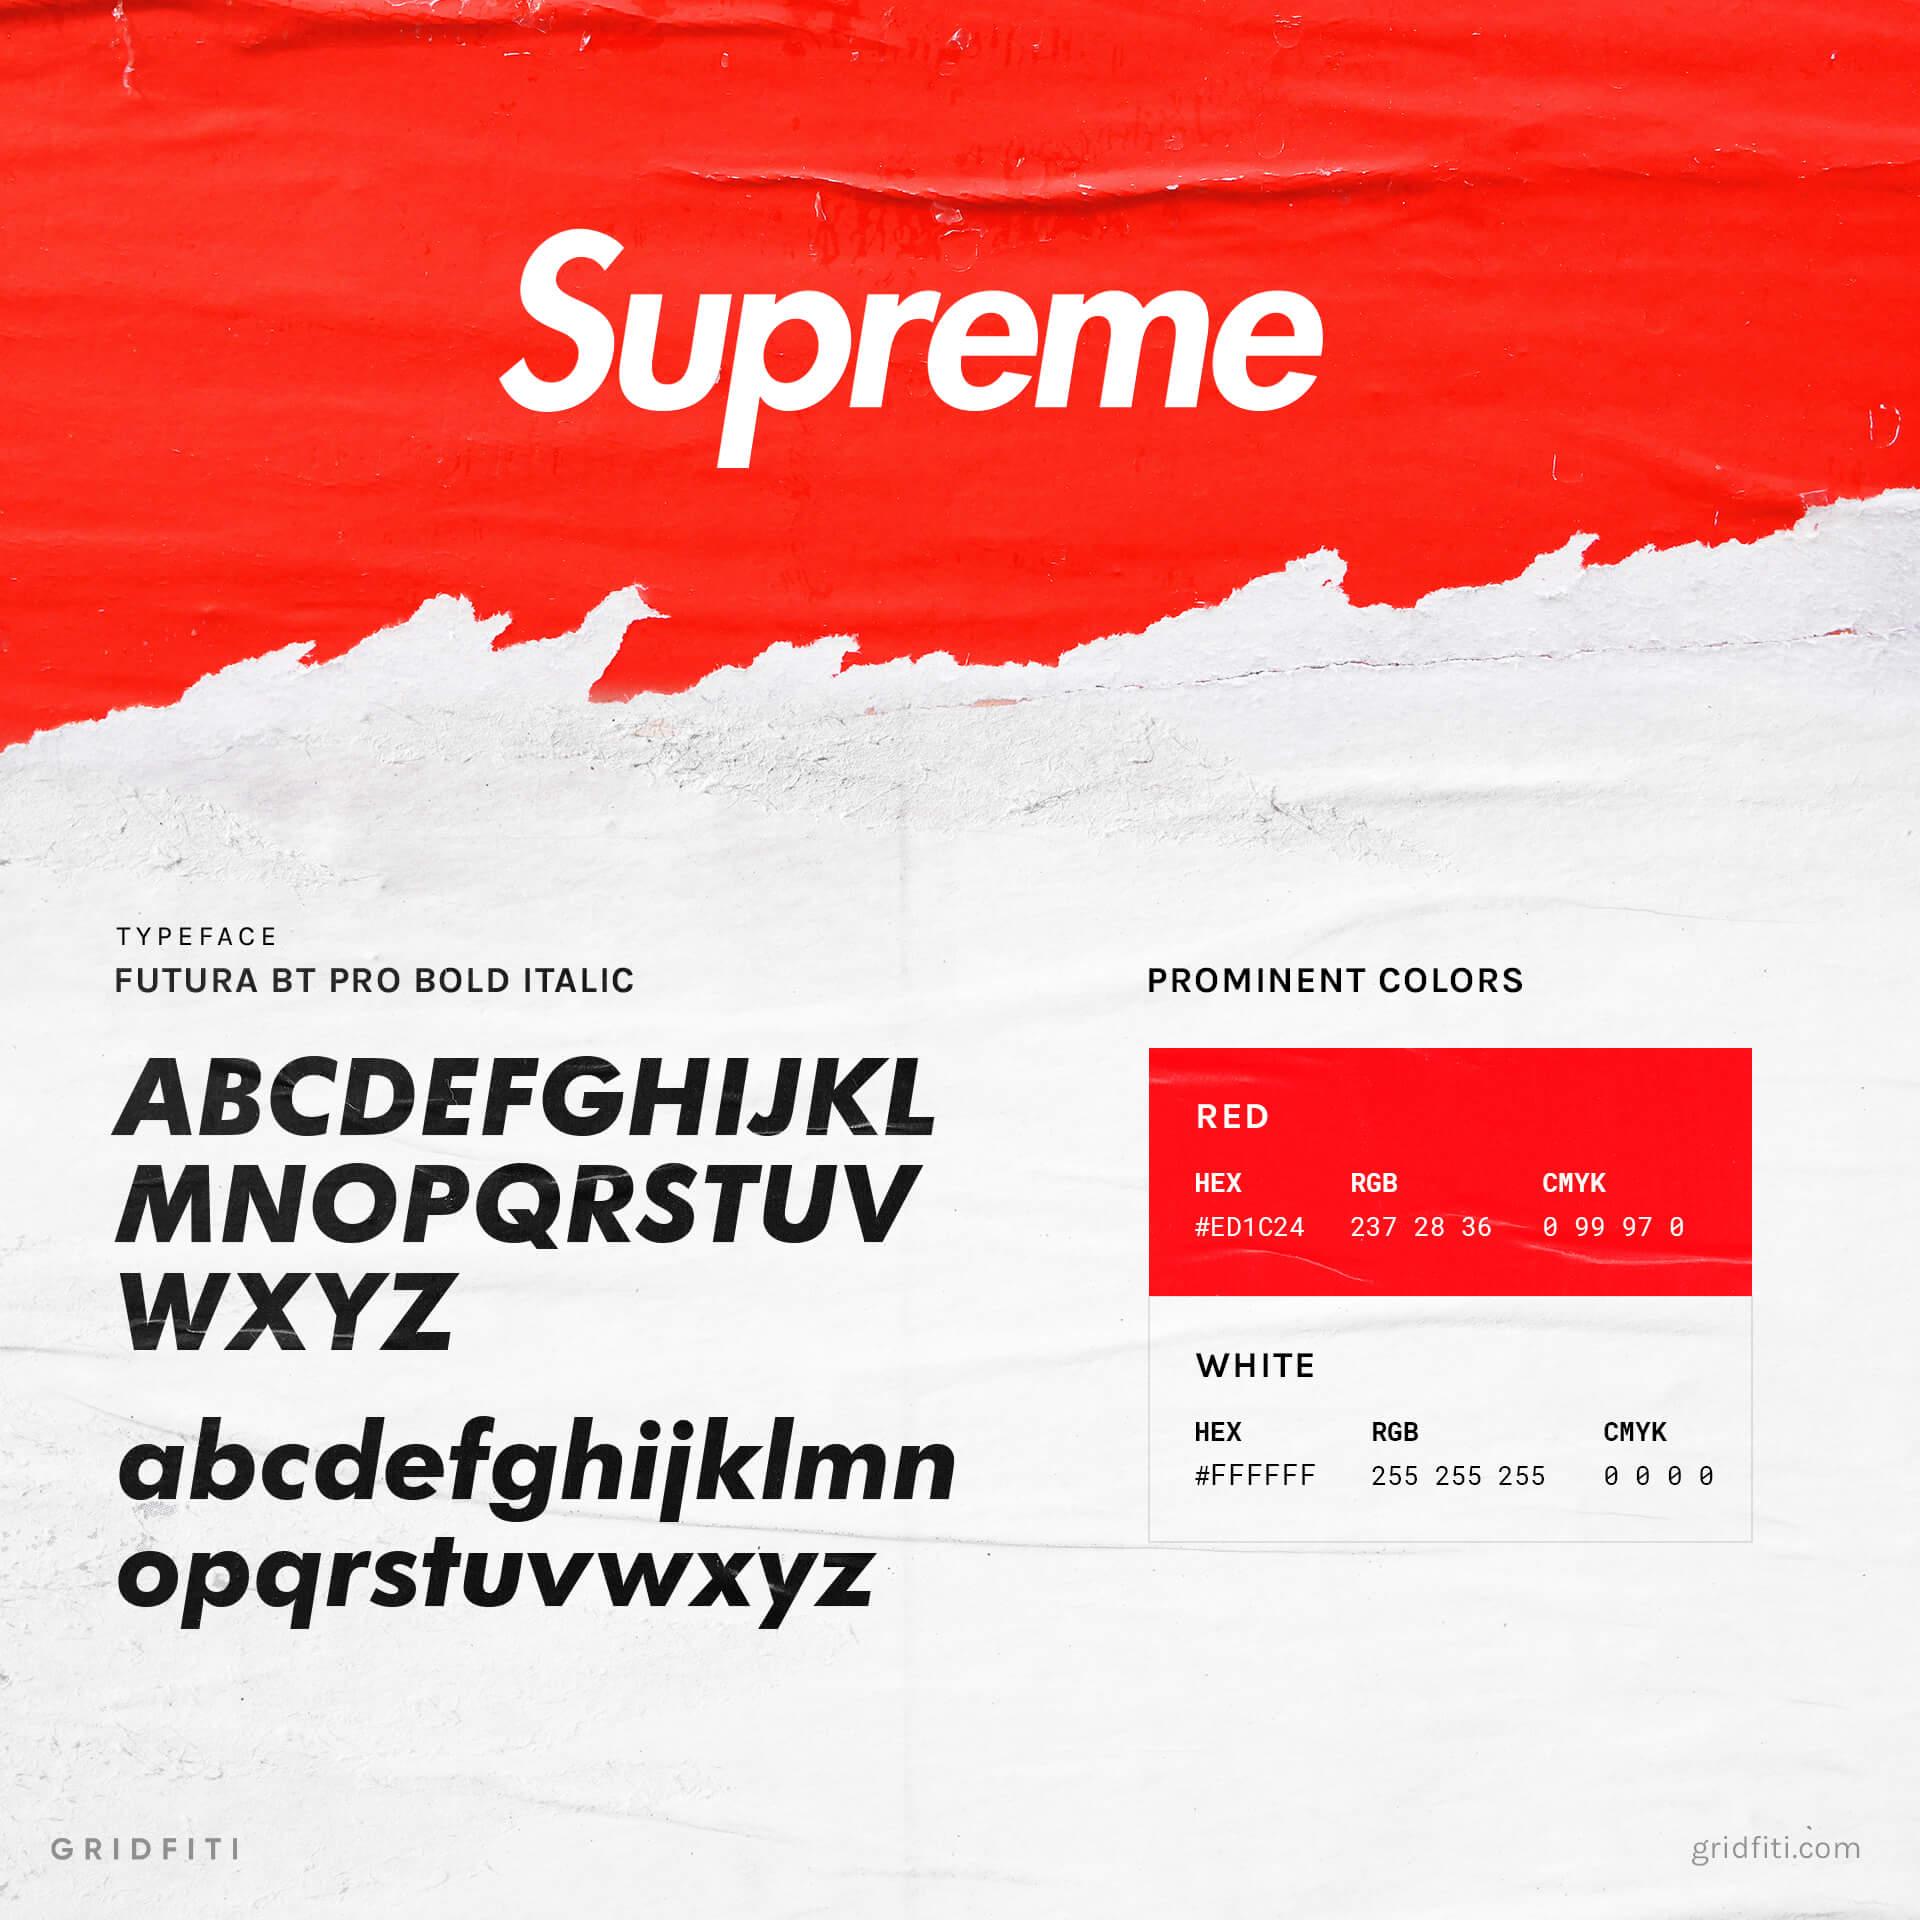 Supreme Font & Red Color